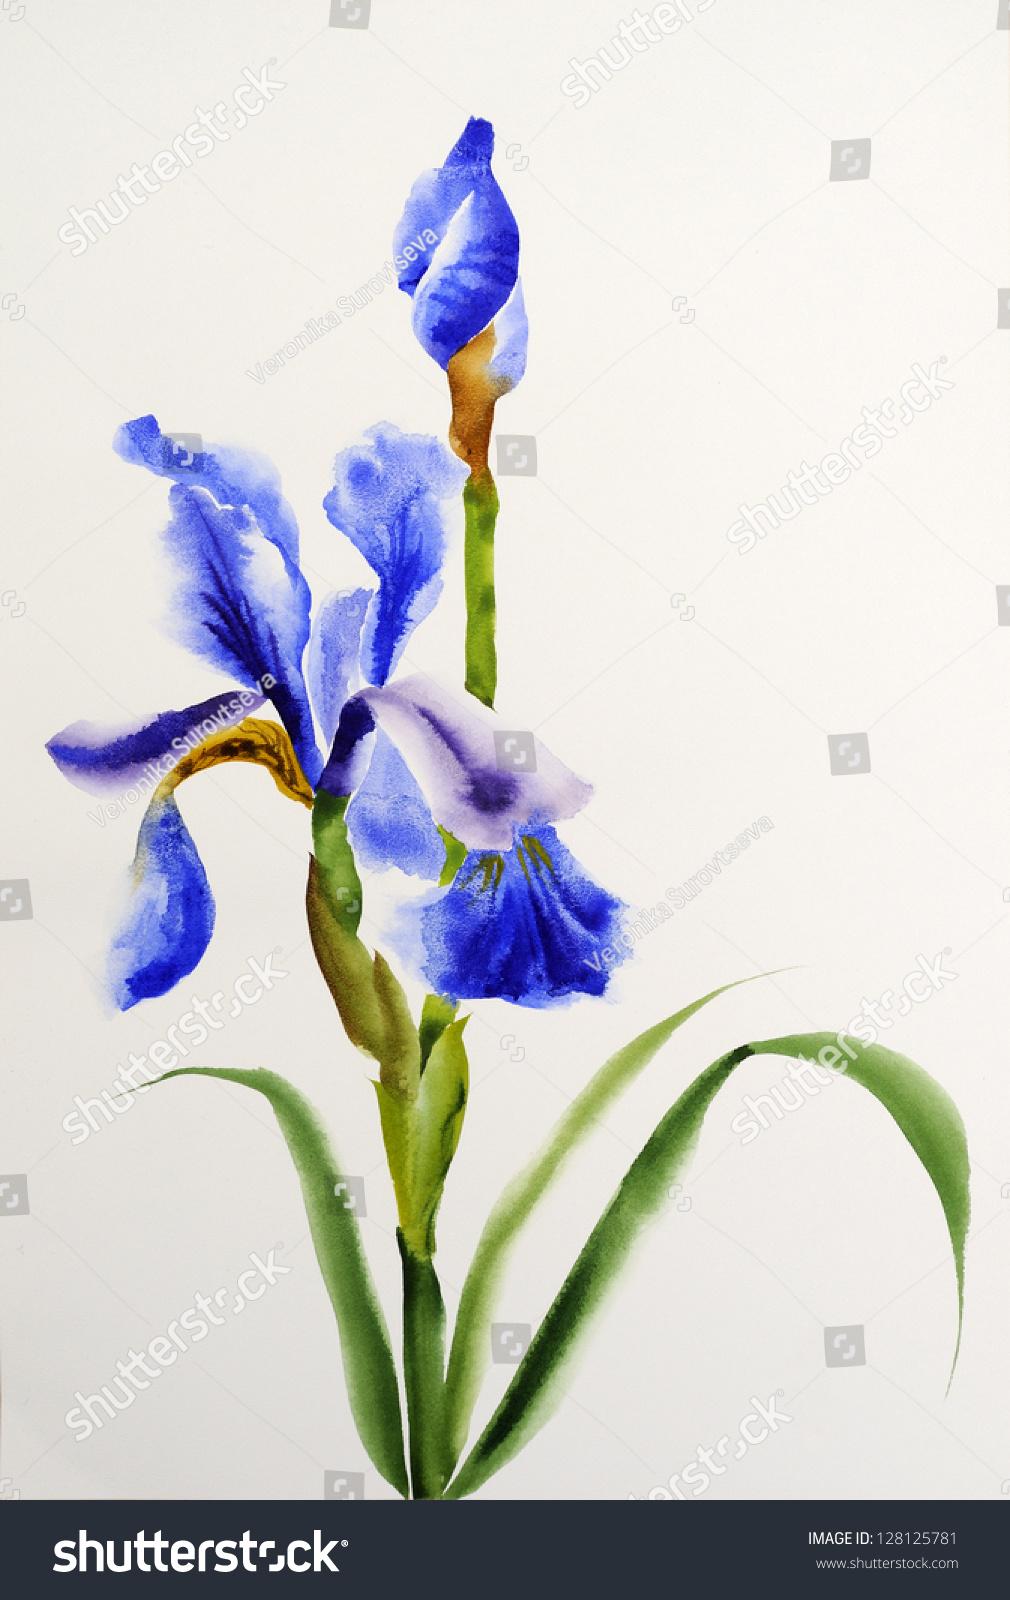 Blue iris flowers original watercolor painting stock illustration blue iris flowers original watercolor painting izmirmasajfo